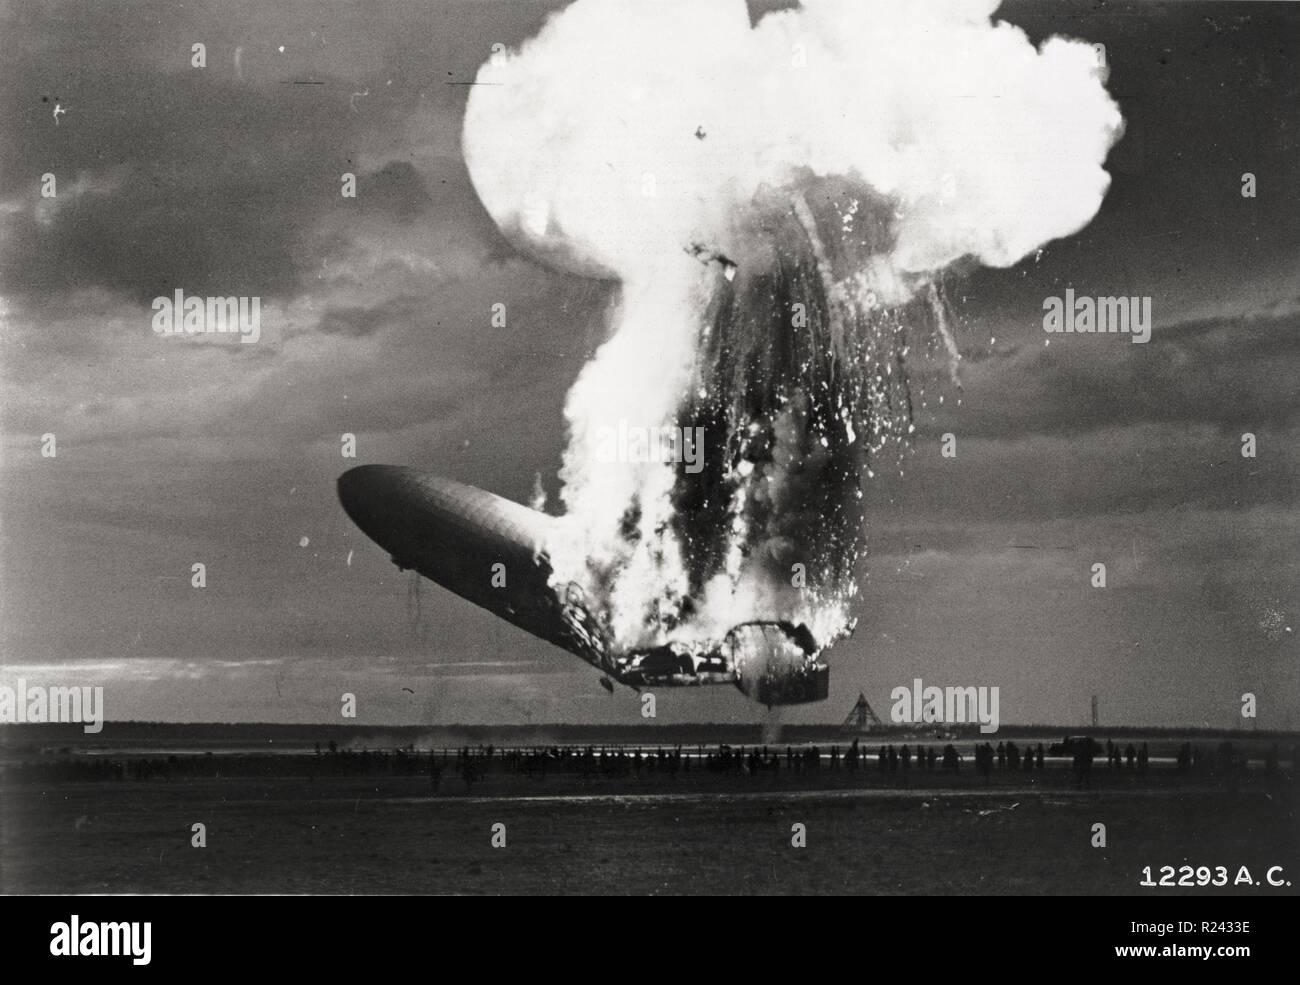 Die Hindenburg-Katastrophe fand am Donnerstag, 6. Mai 1937, als die deutschen Pkw-Luftschiffs, die LZ 129 Hindenburg fing Feuer und brannte in seinem Versuch, dock in Lakehurst, New Jersey, Vereinigte Staaten Stockfoto